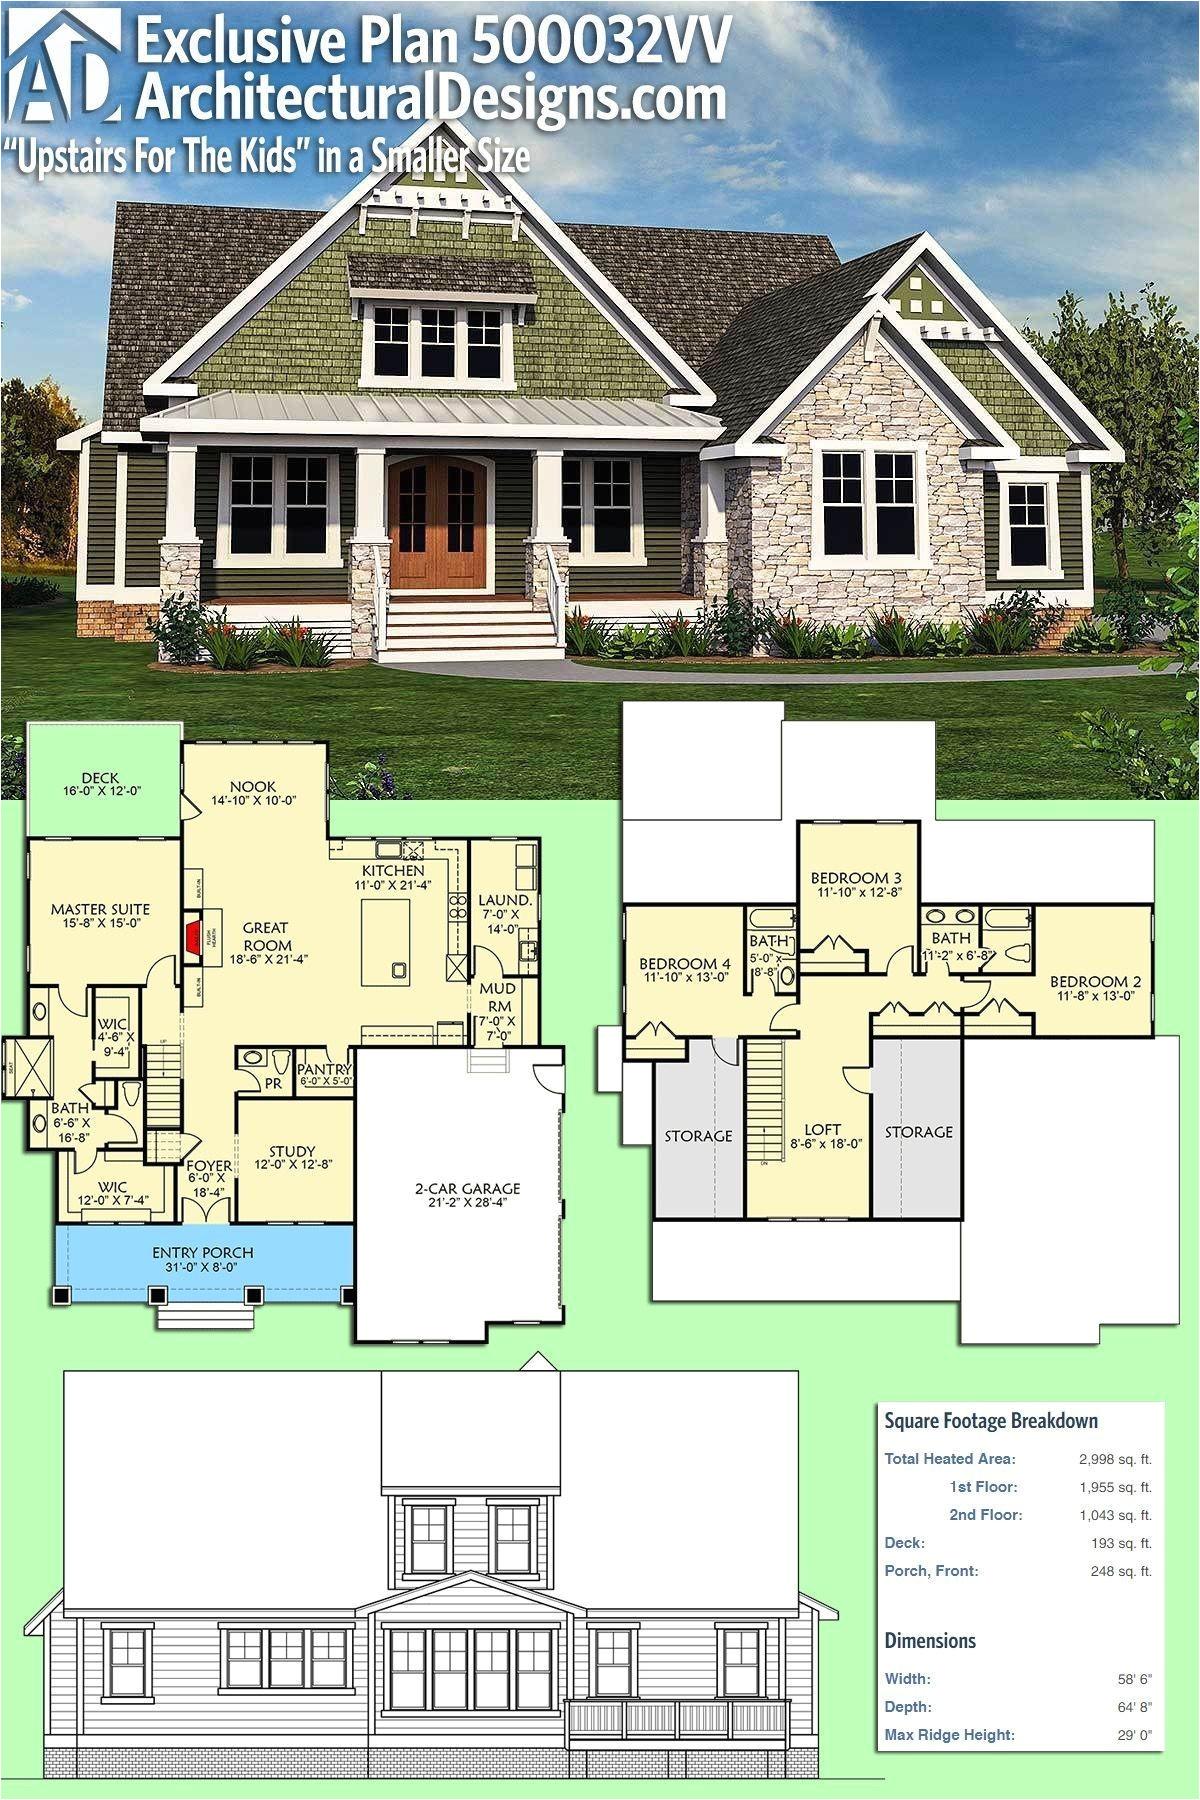 oak creek homes floor plans fresh oak creek homes floor plans unique iron oak at alamo